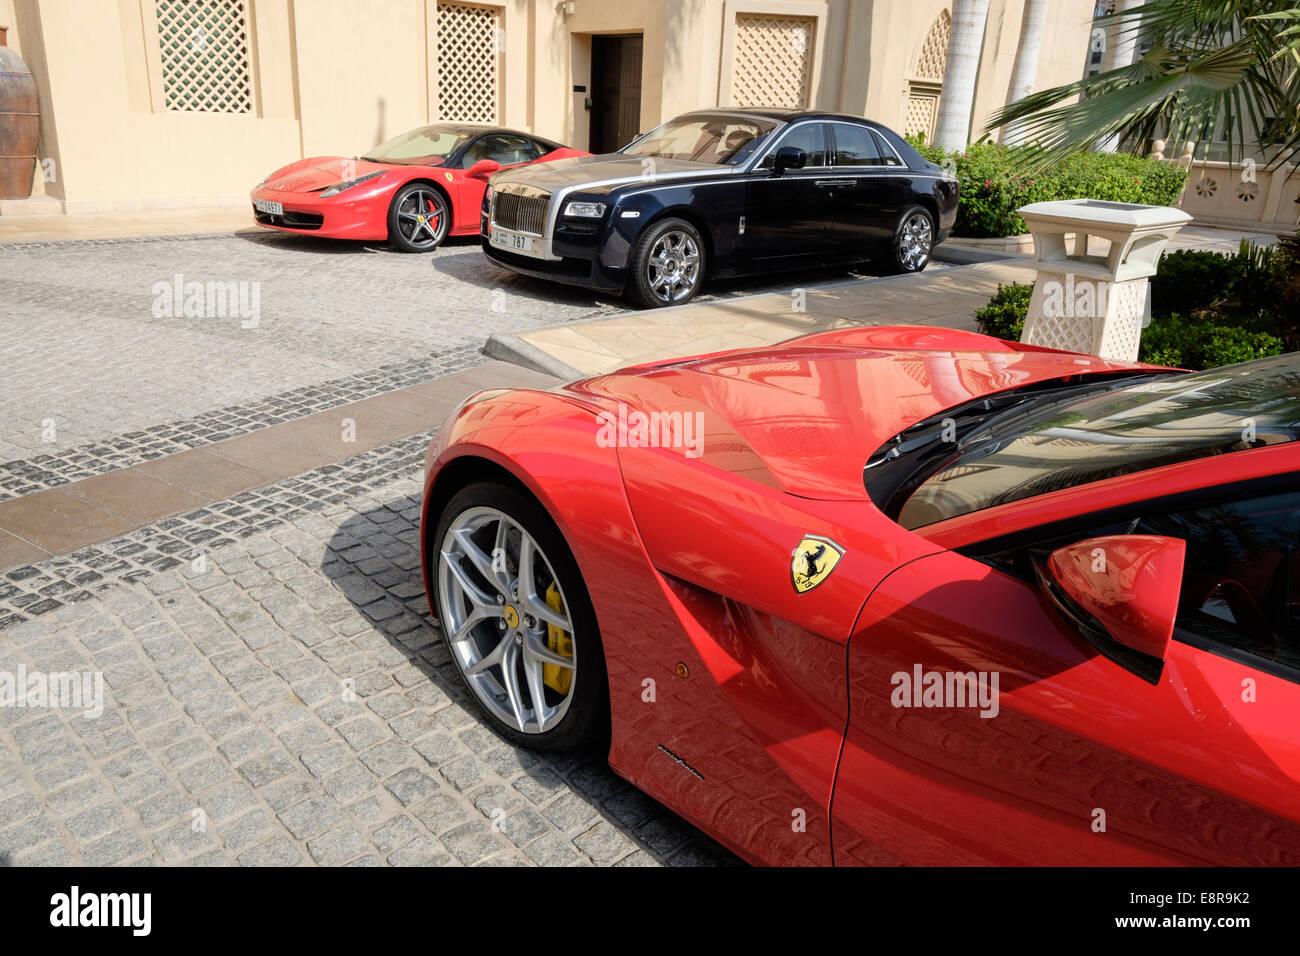 Luxus-Autos parkten außerhalb 5-Sterne-Hotel in Dubai Vereinigte Arabische Emirate Stockbild